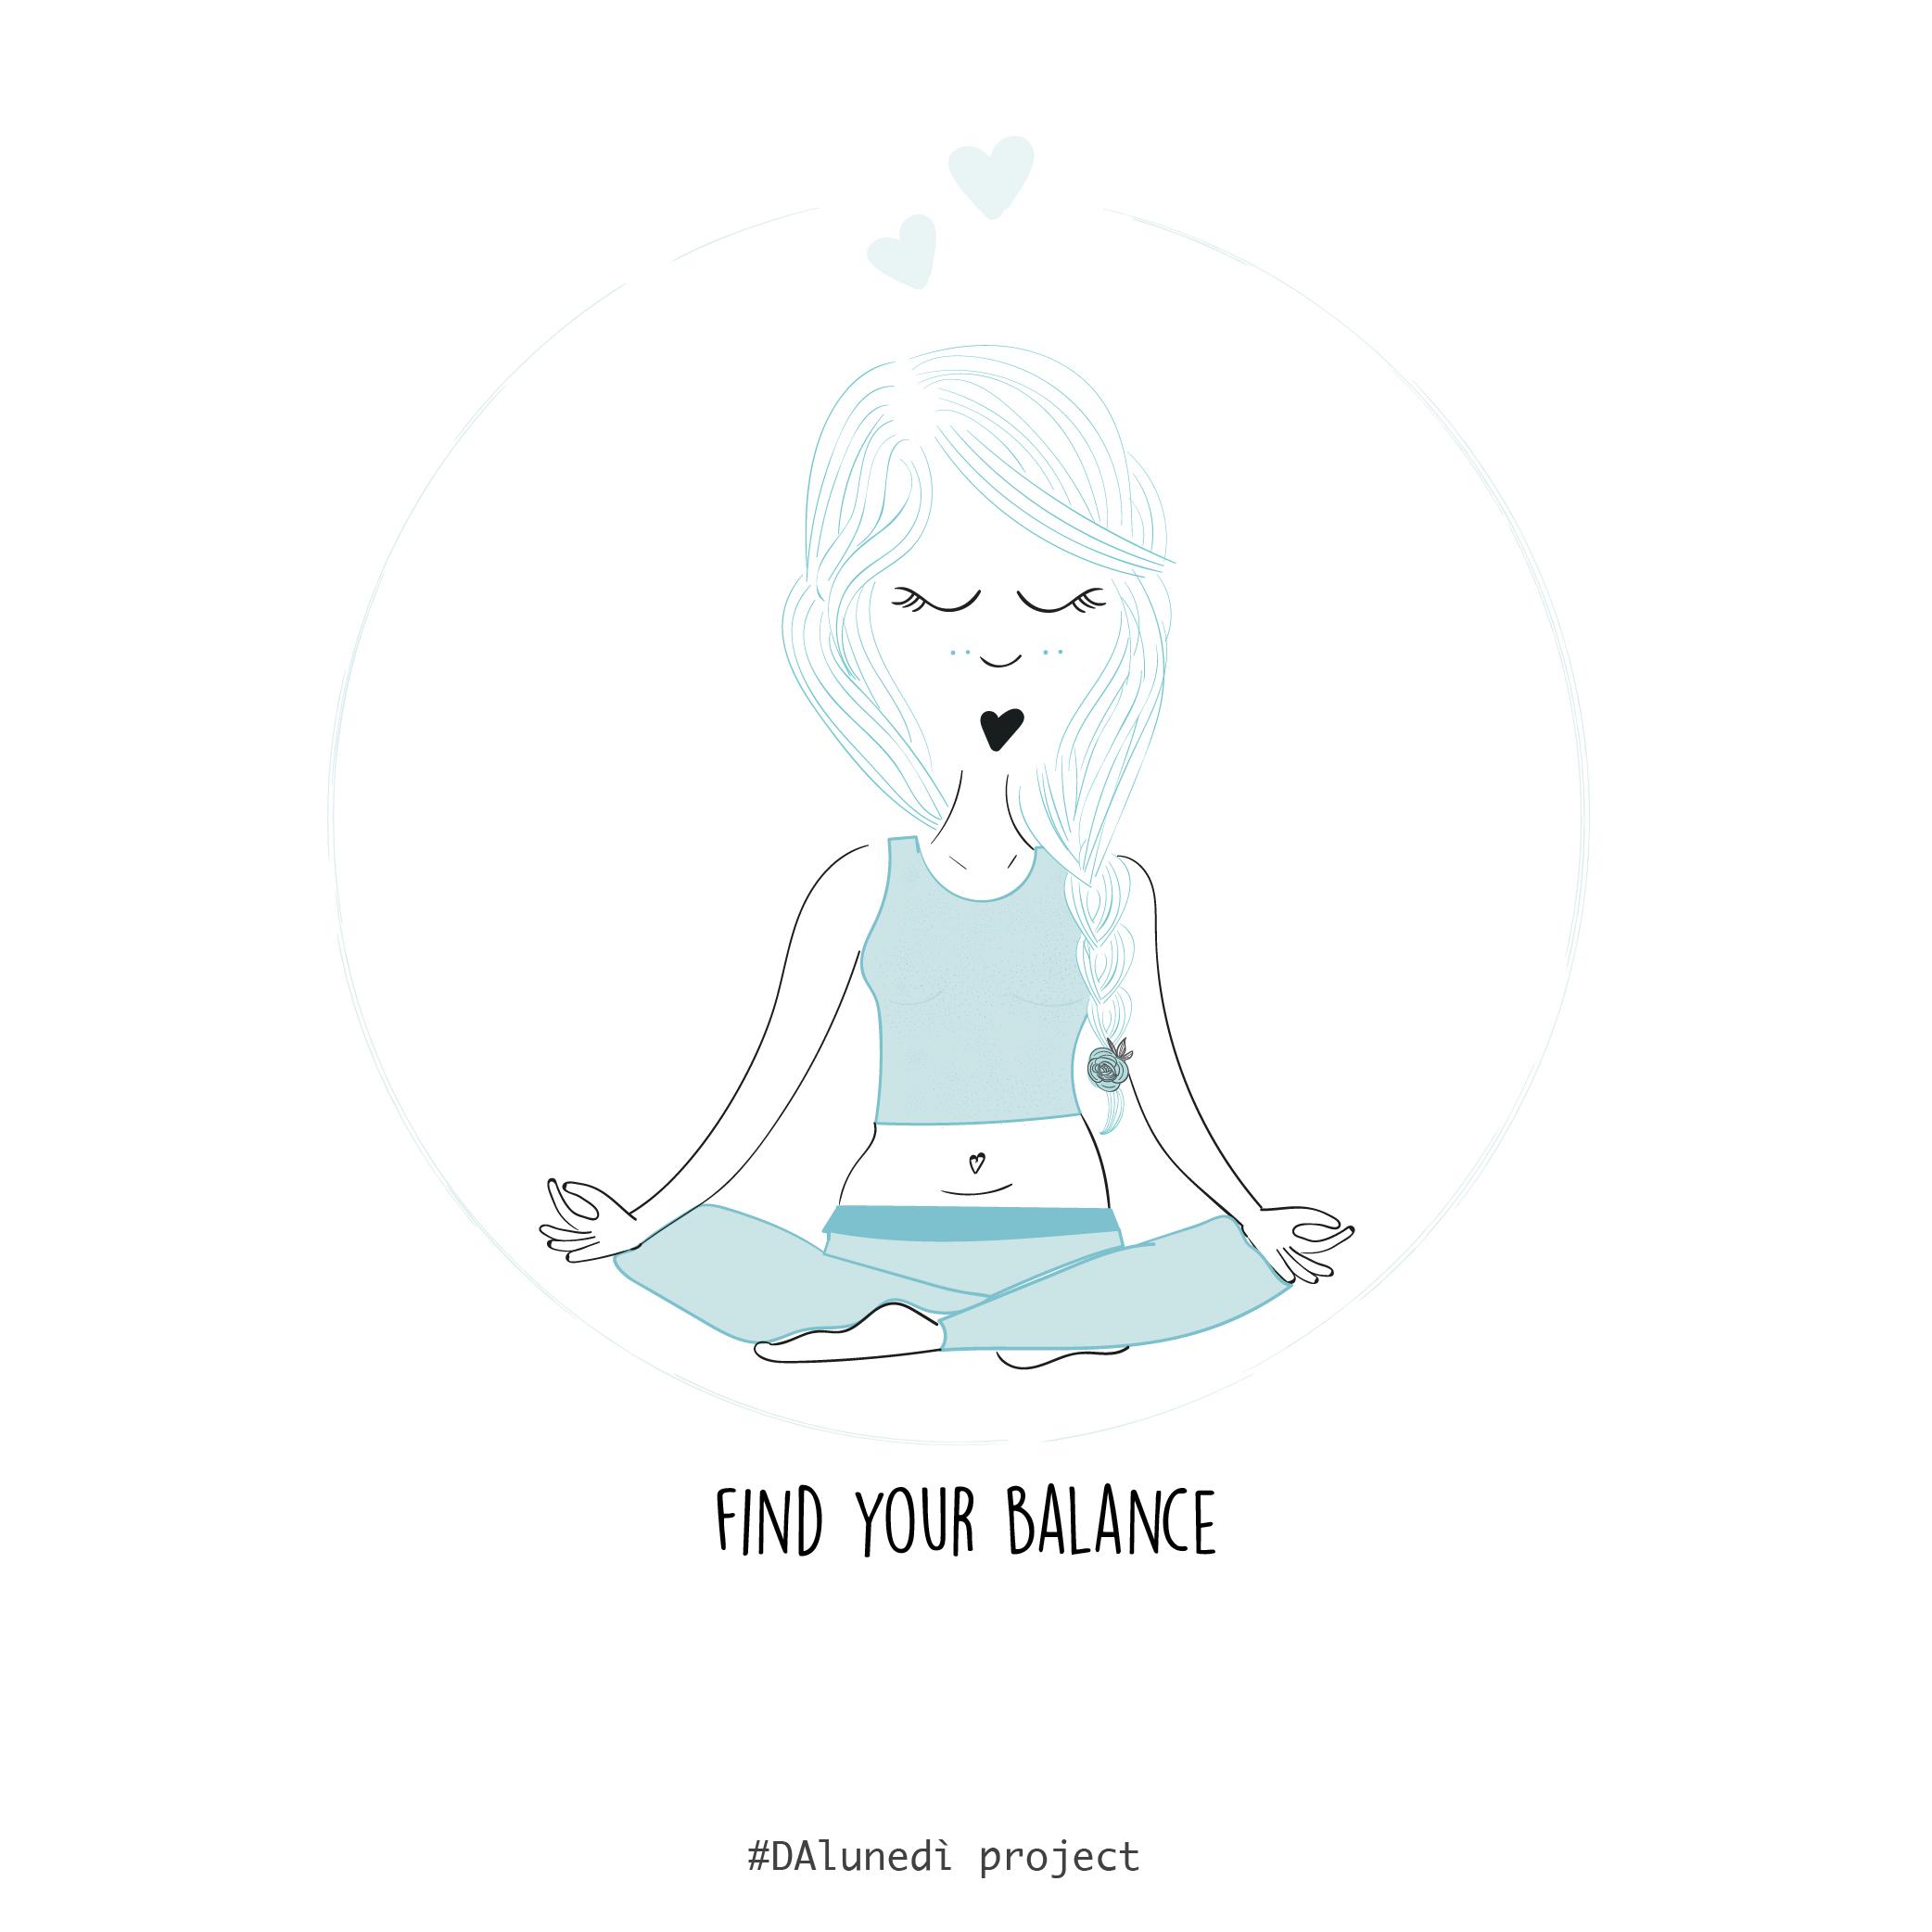 Ilustrazione di Dalunedì project Ragazza che fa Yoga - Find your balance